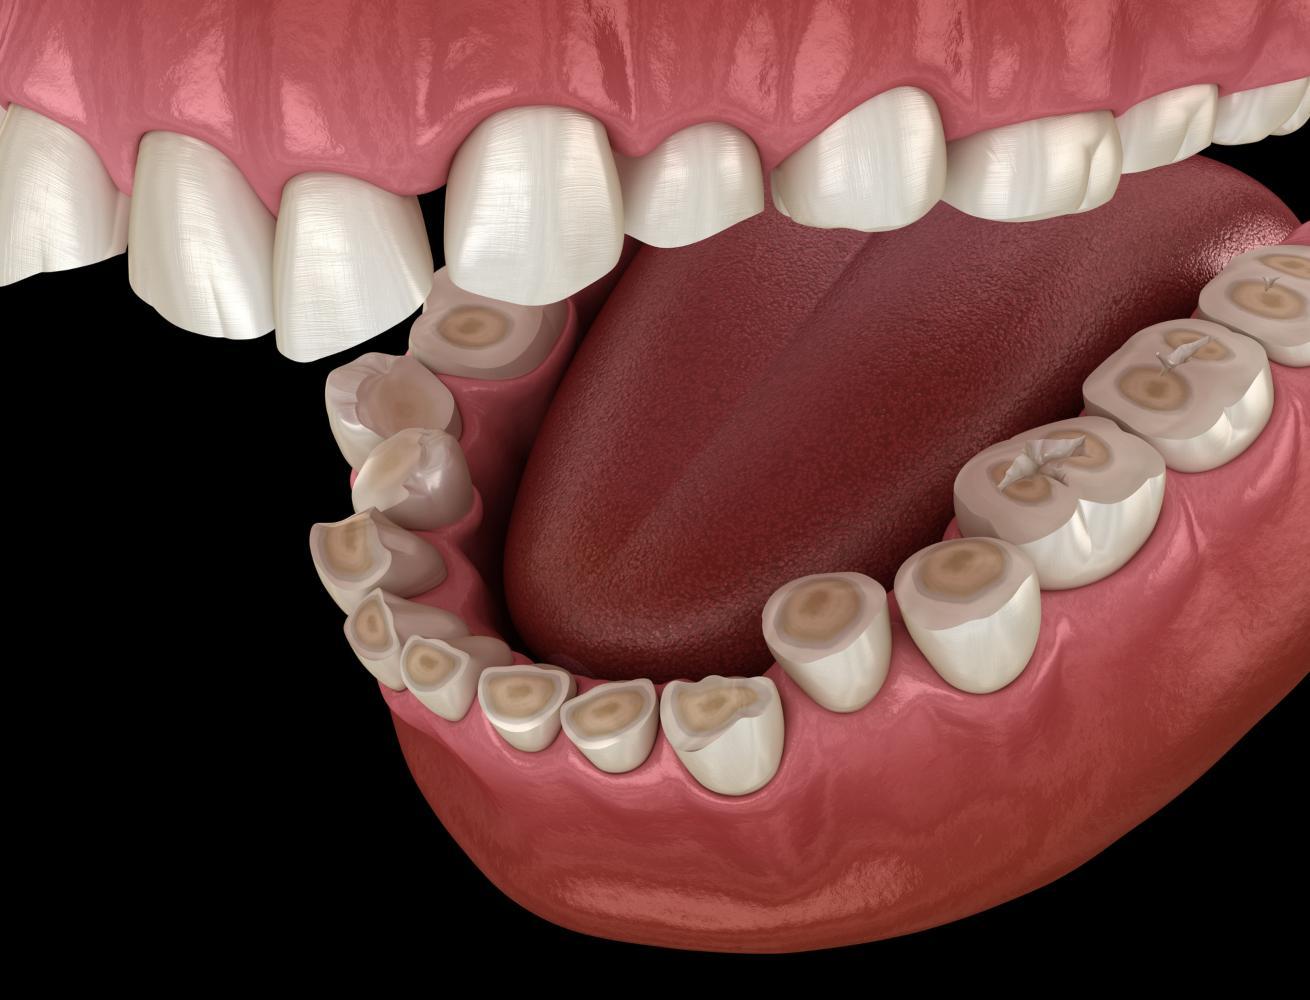 Consequência do bruxismo nos dentes